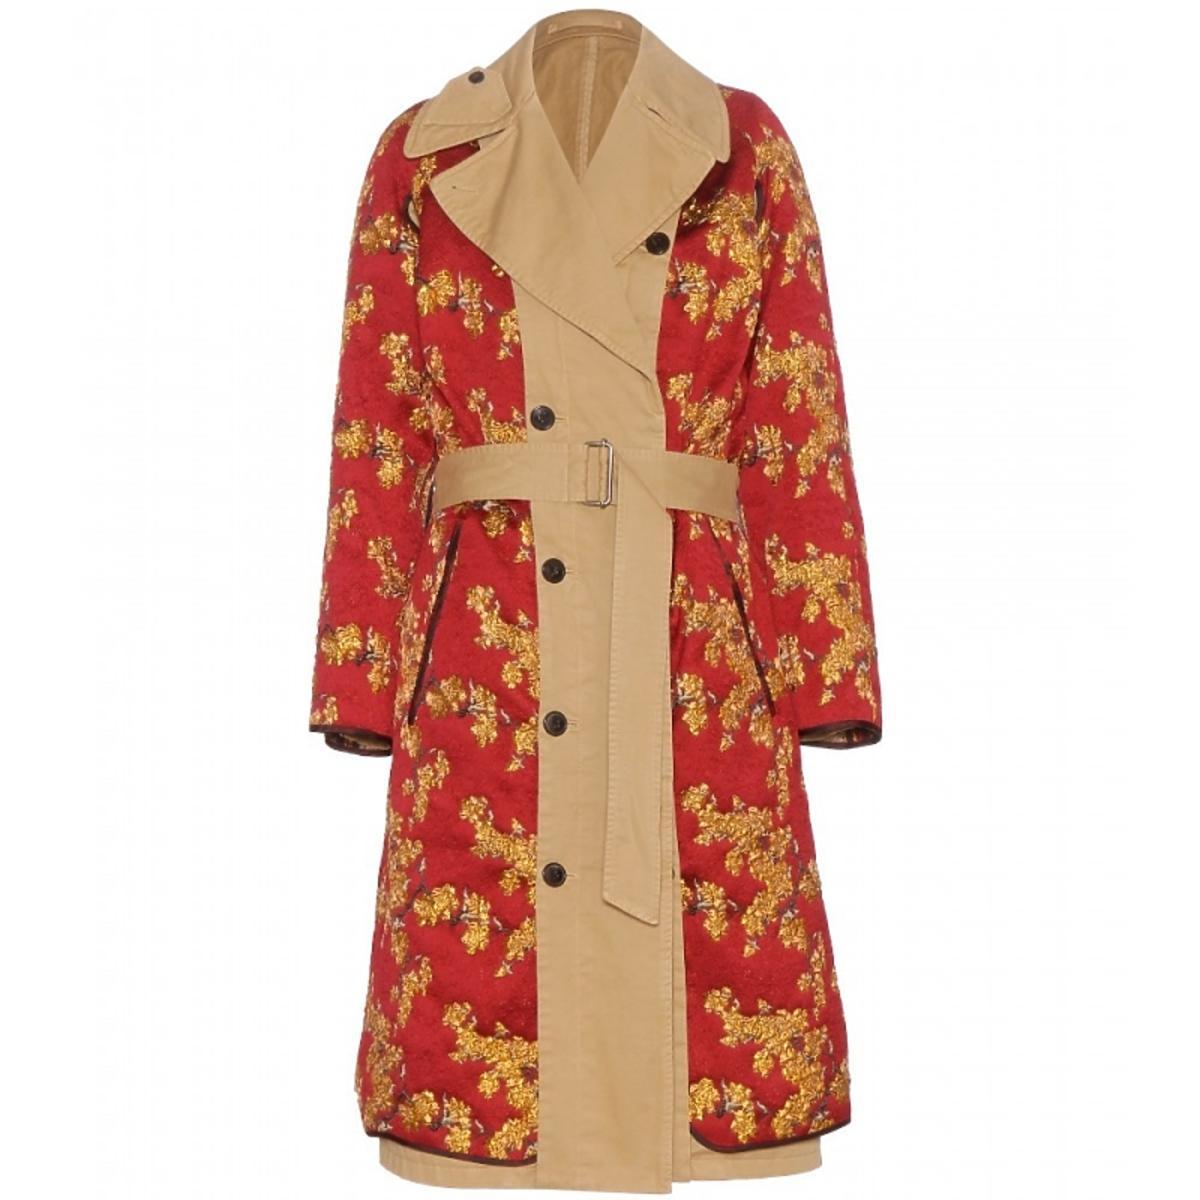 beżowy płaszcz z dopinką w czerwonym kolorze ze złotymi kawiatmi